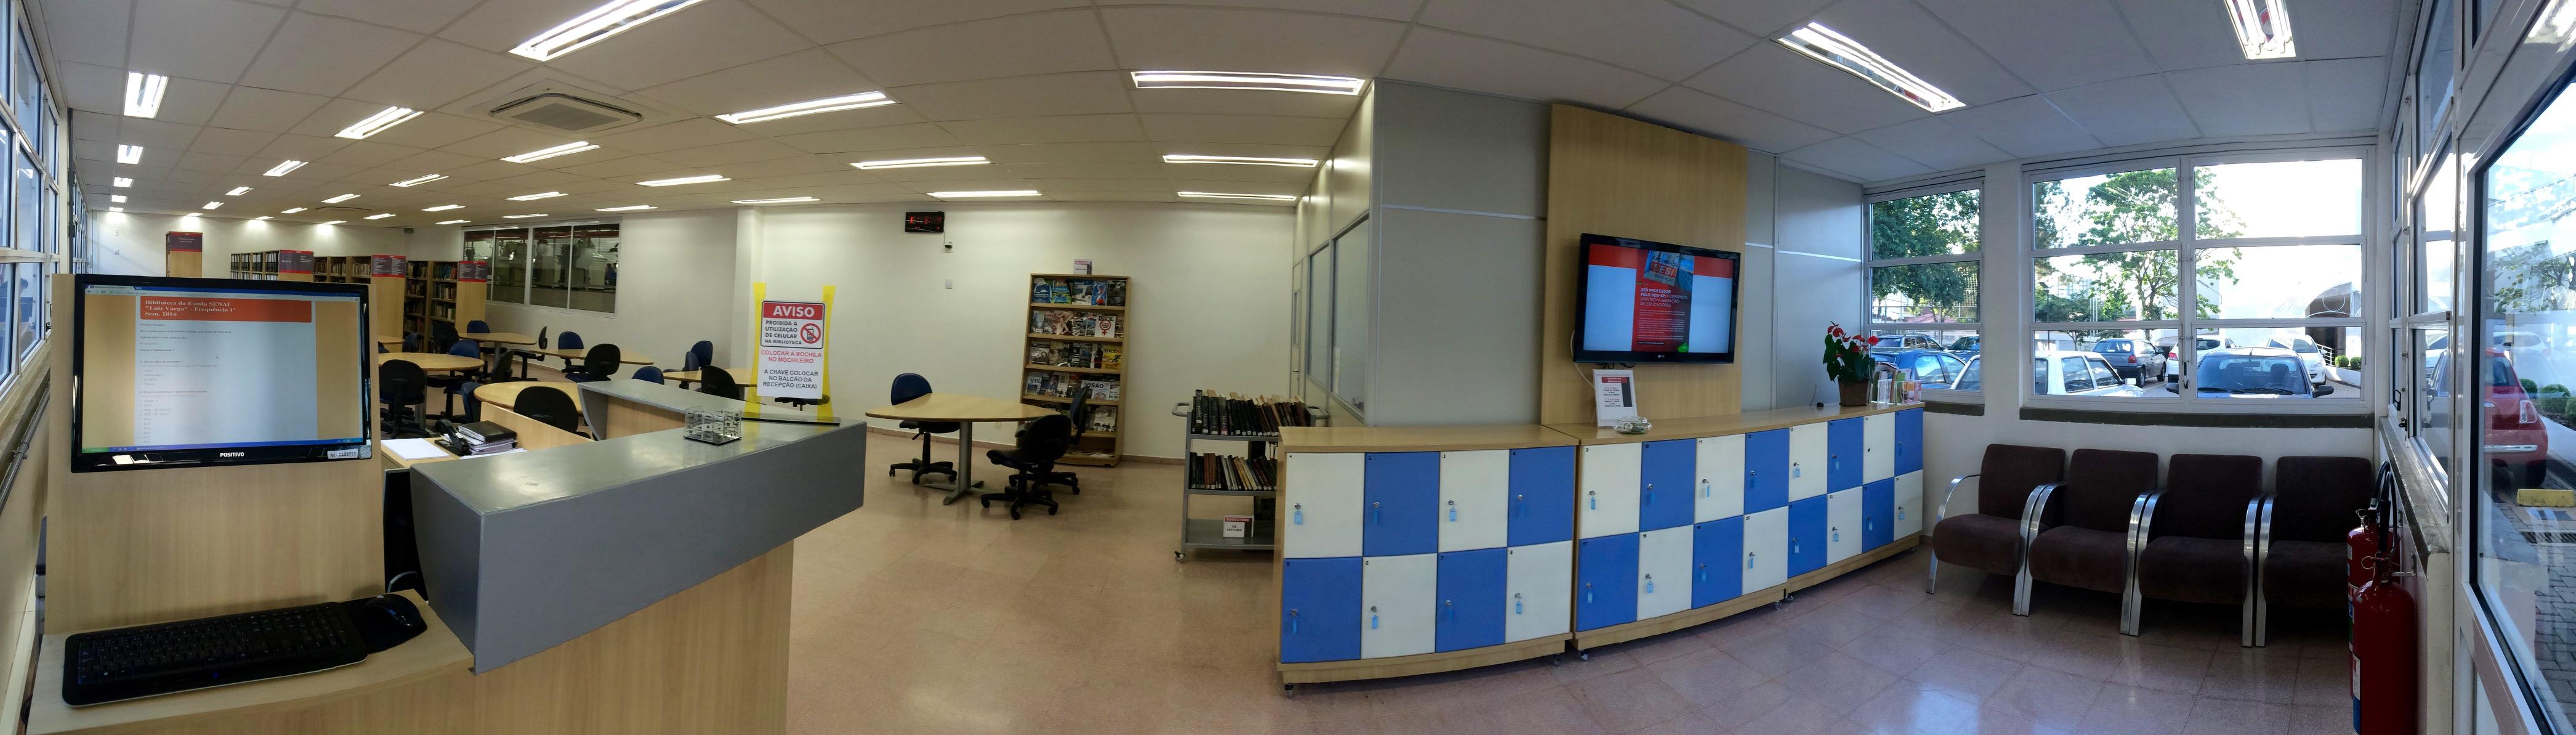 Fachada da Biblioteca